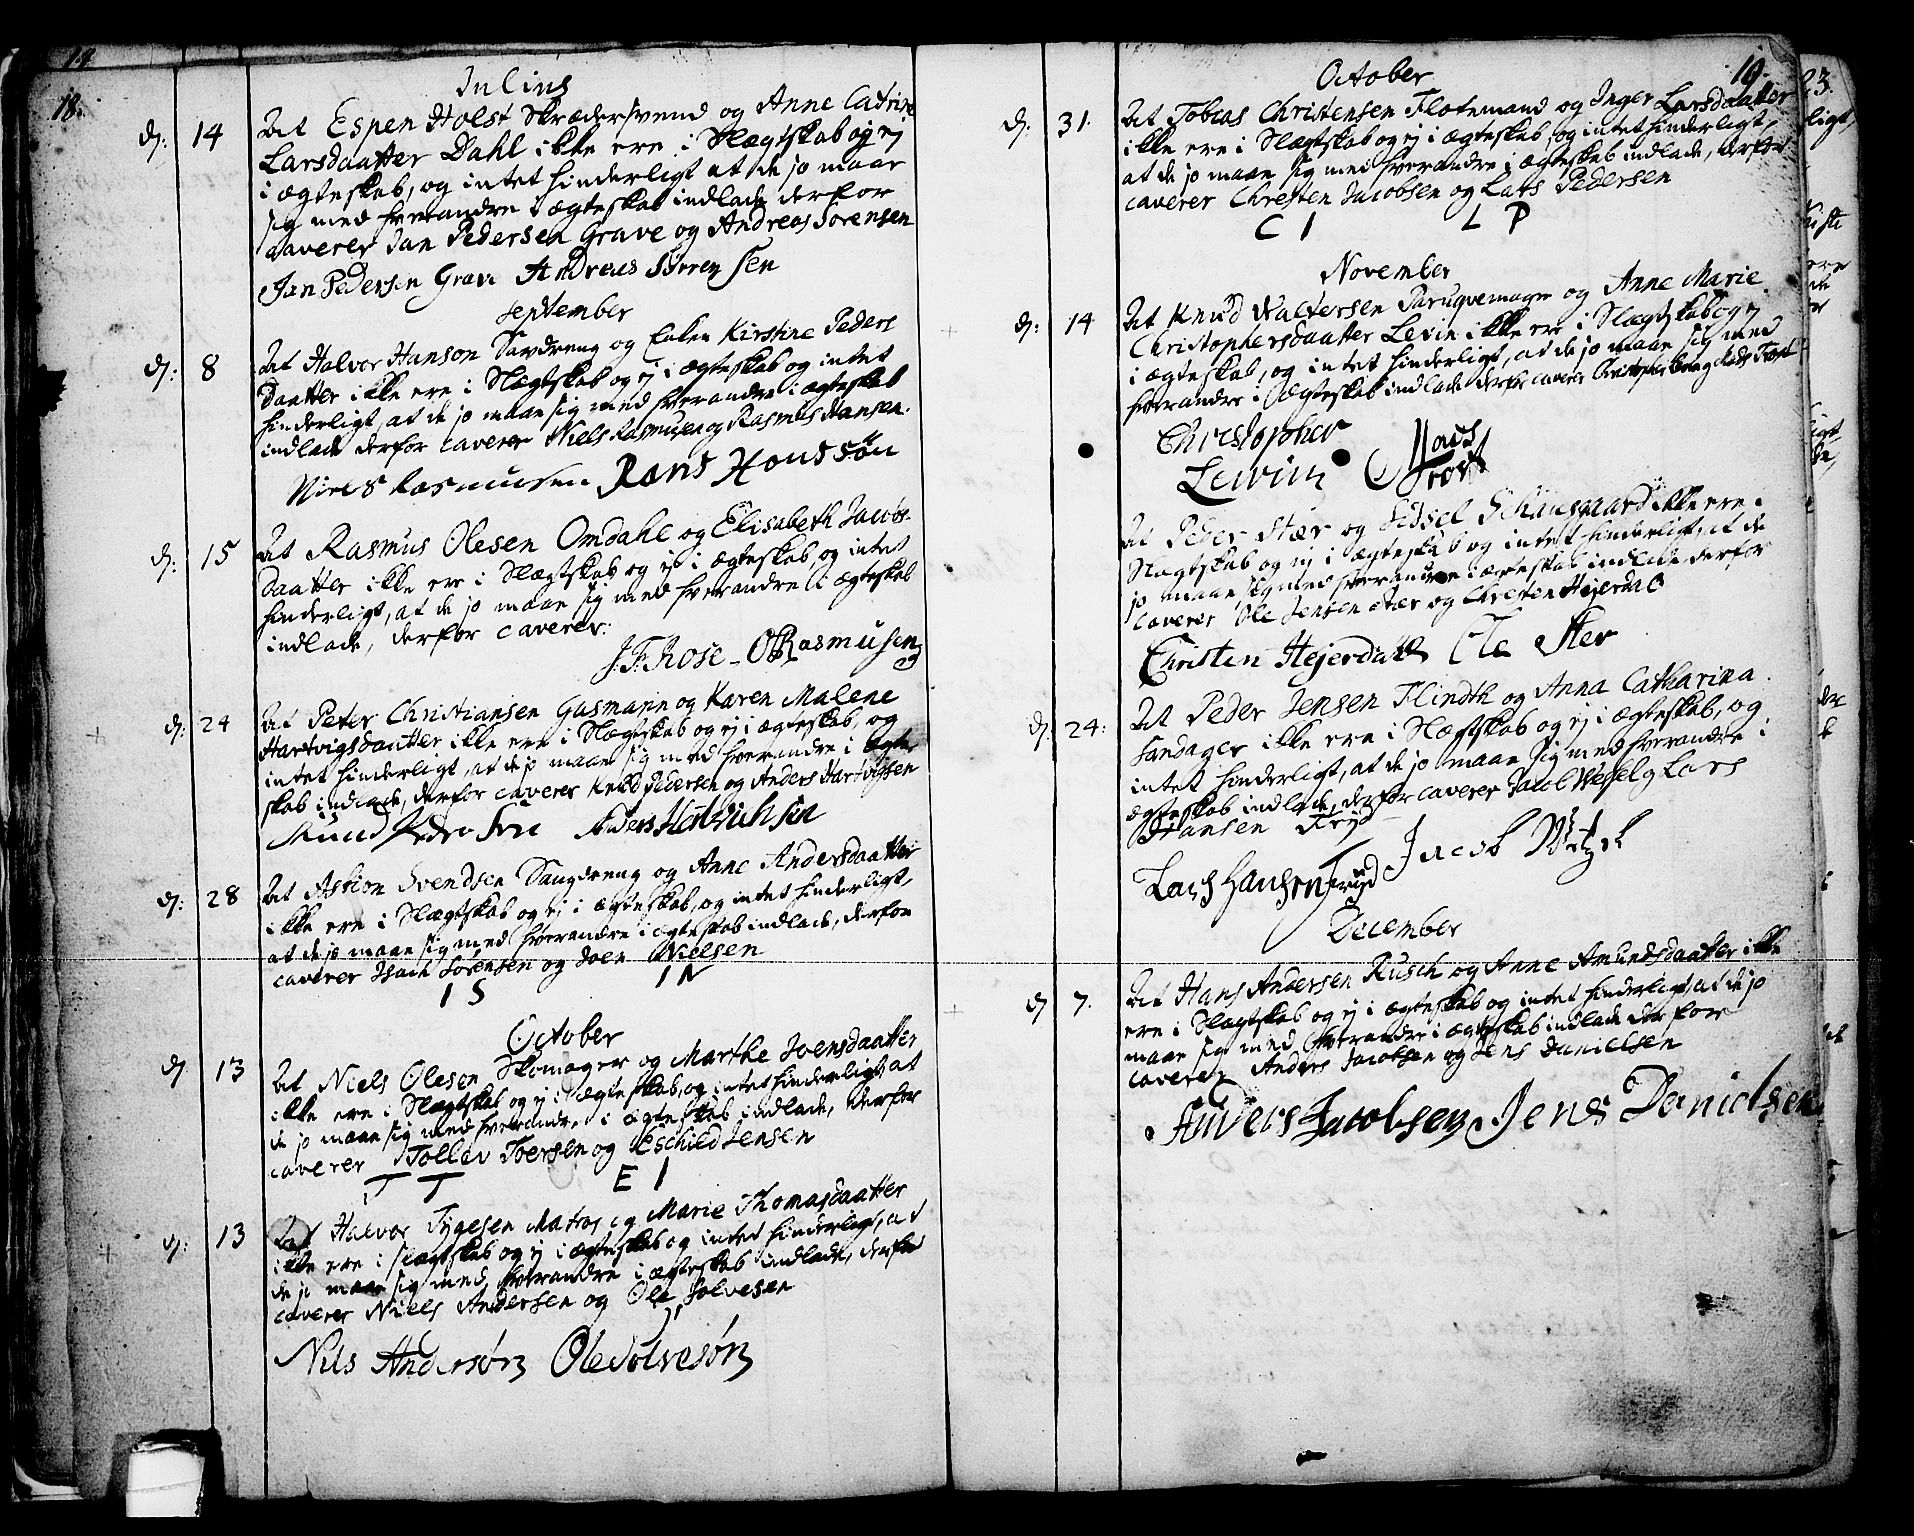 SAKO, Skien kirkebøker, F/Fa/L0003: Ministerialbok nr. 3, 1755-1791, s. 18-19